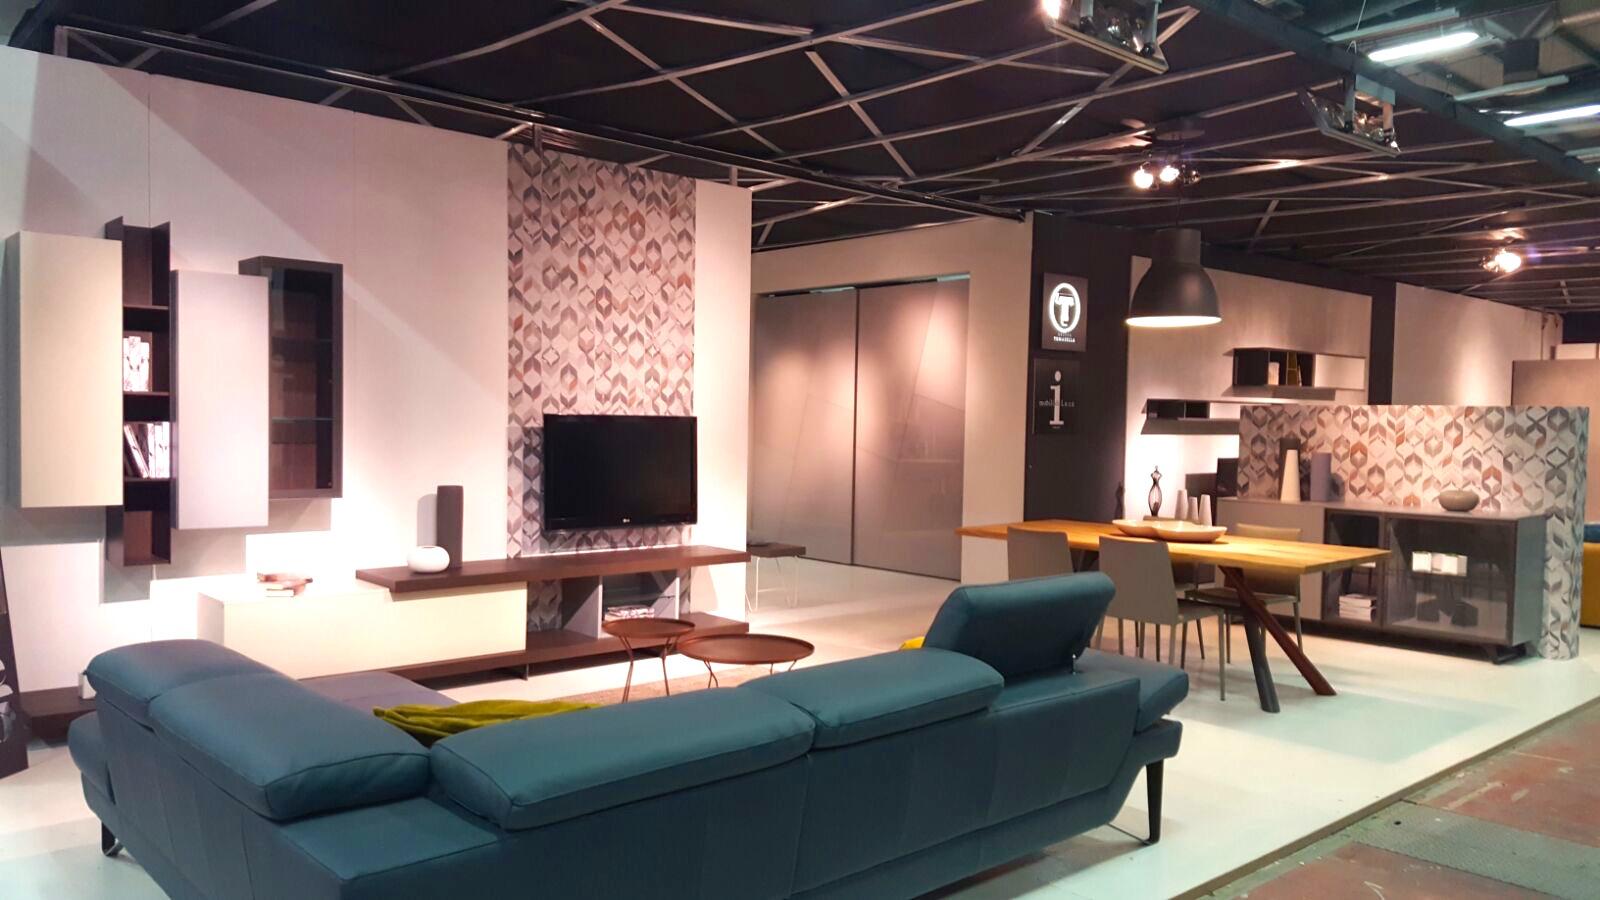 Salone del mobile bergamo archivi i mobili di luca for Fiera del mobile a bergamo